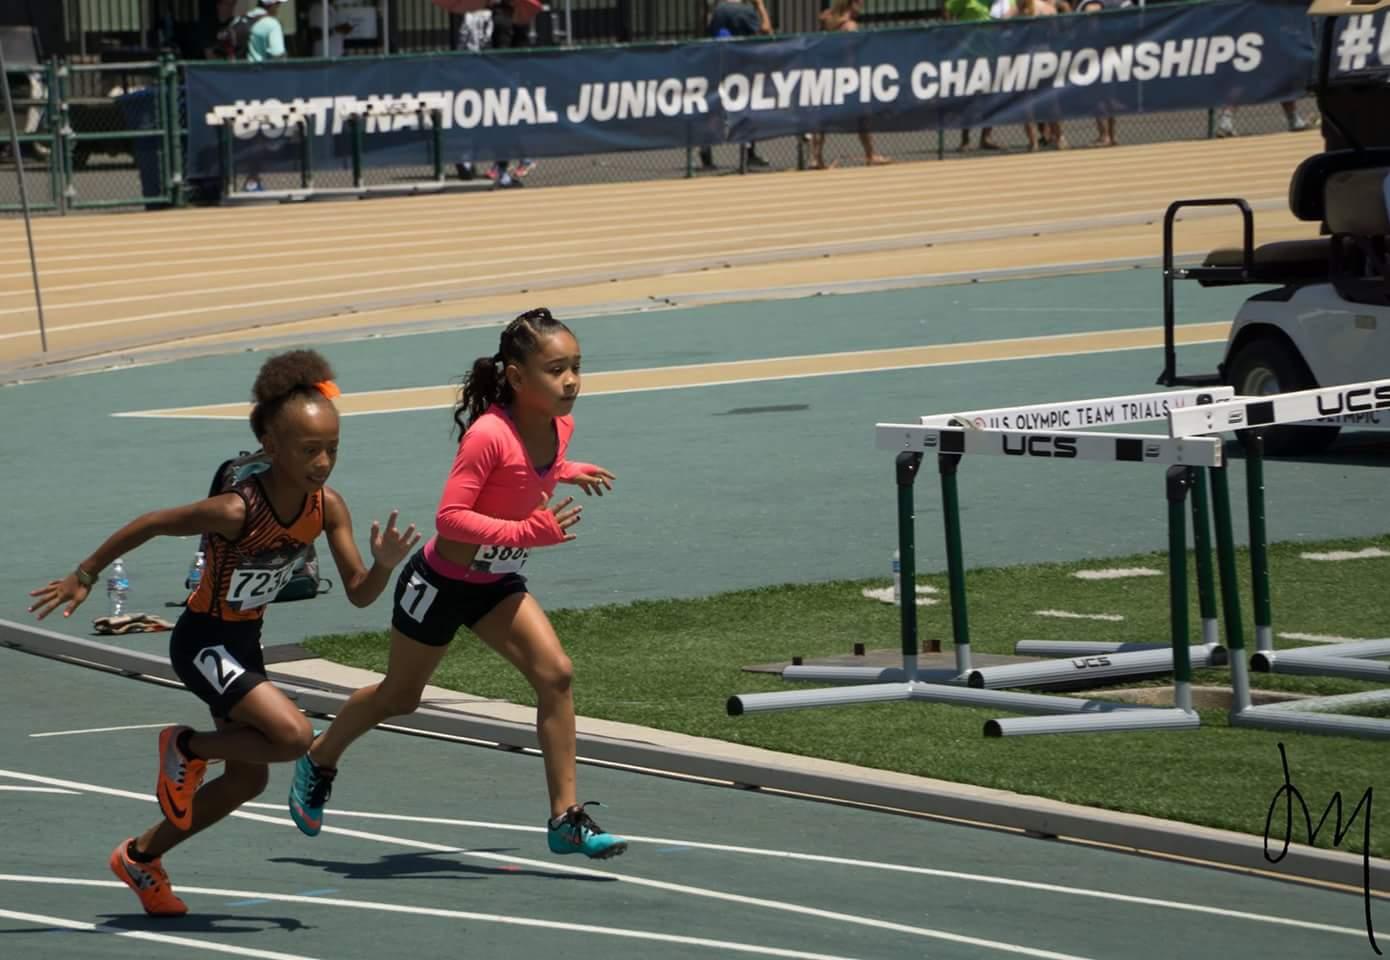 2016 JO Malia Mack 7-8 Girls 100m prelims